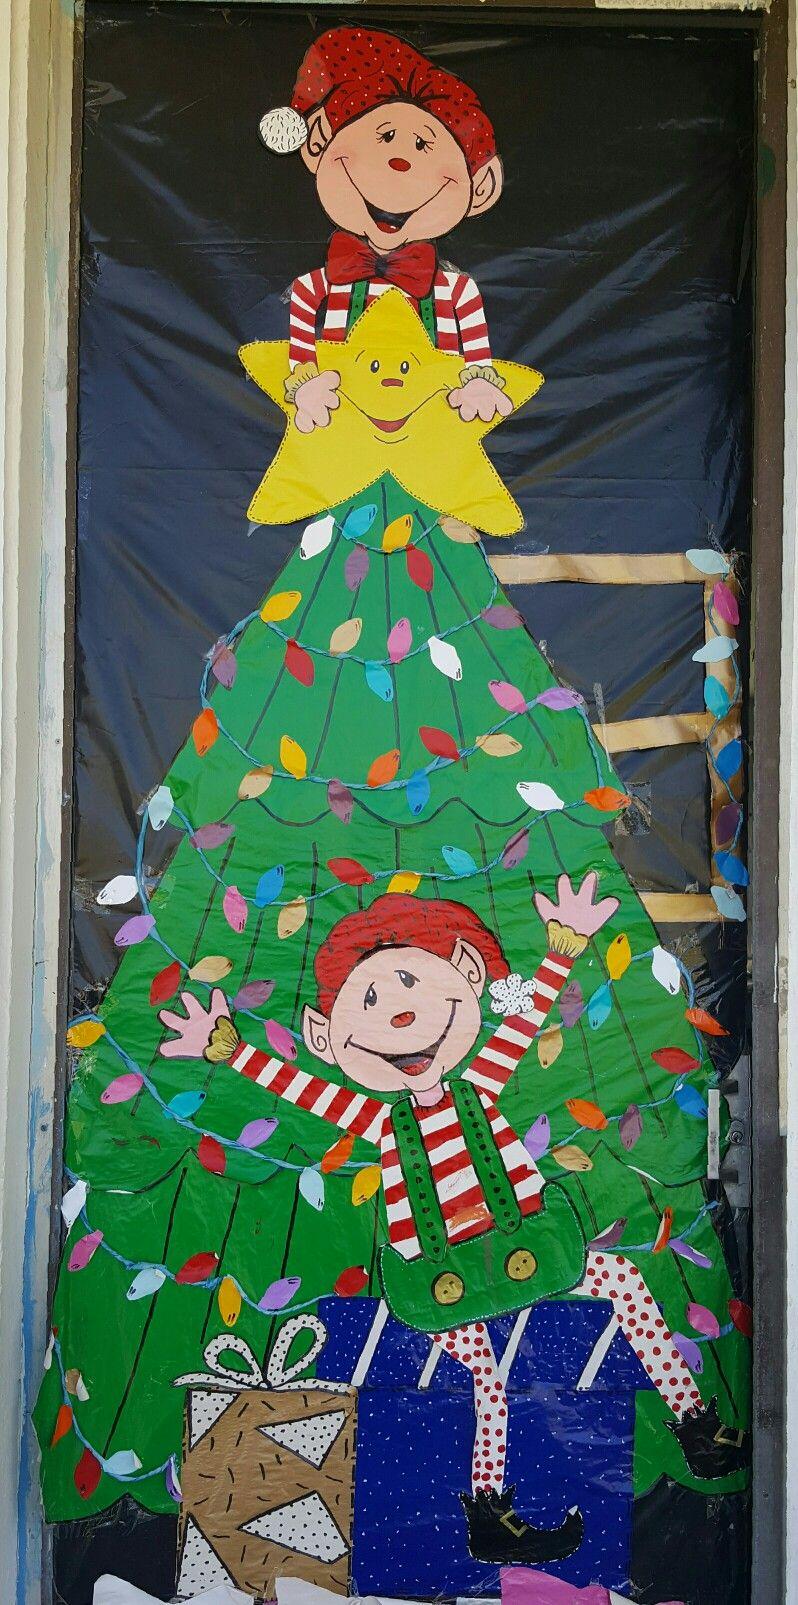 Decoraci n escolar tem tica para puerta del aula navidad for Puertas decoradas navidad material reciclable